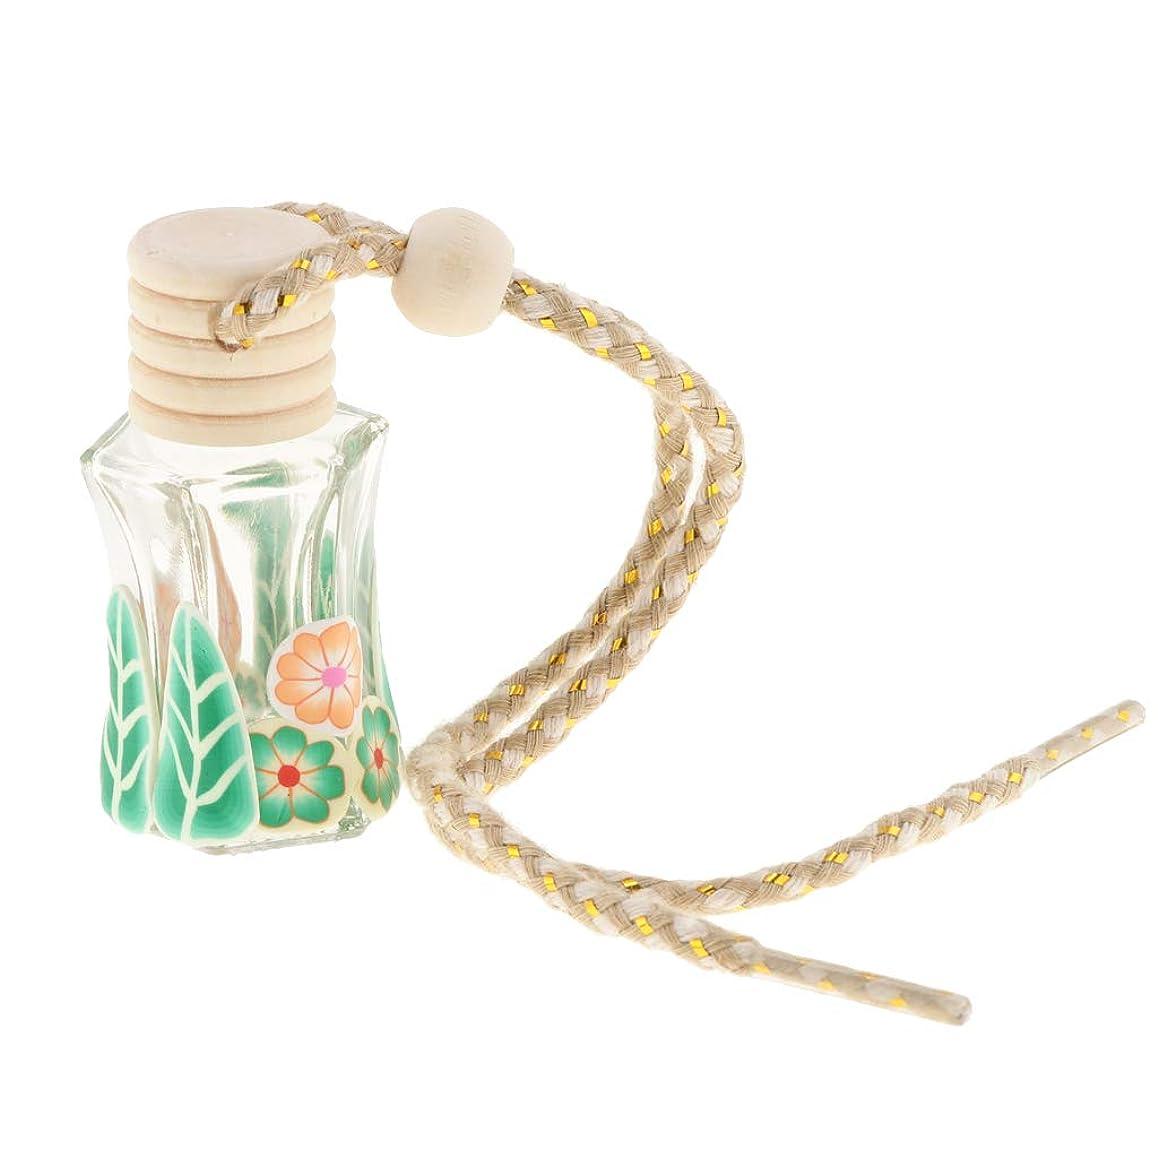 計算する有能なご覧くださいperfk ポータブル サイズ 空 ガラス 詰め替え可能 魅力的 香水 瓶 ペンダント 4色選べる     - 緑